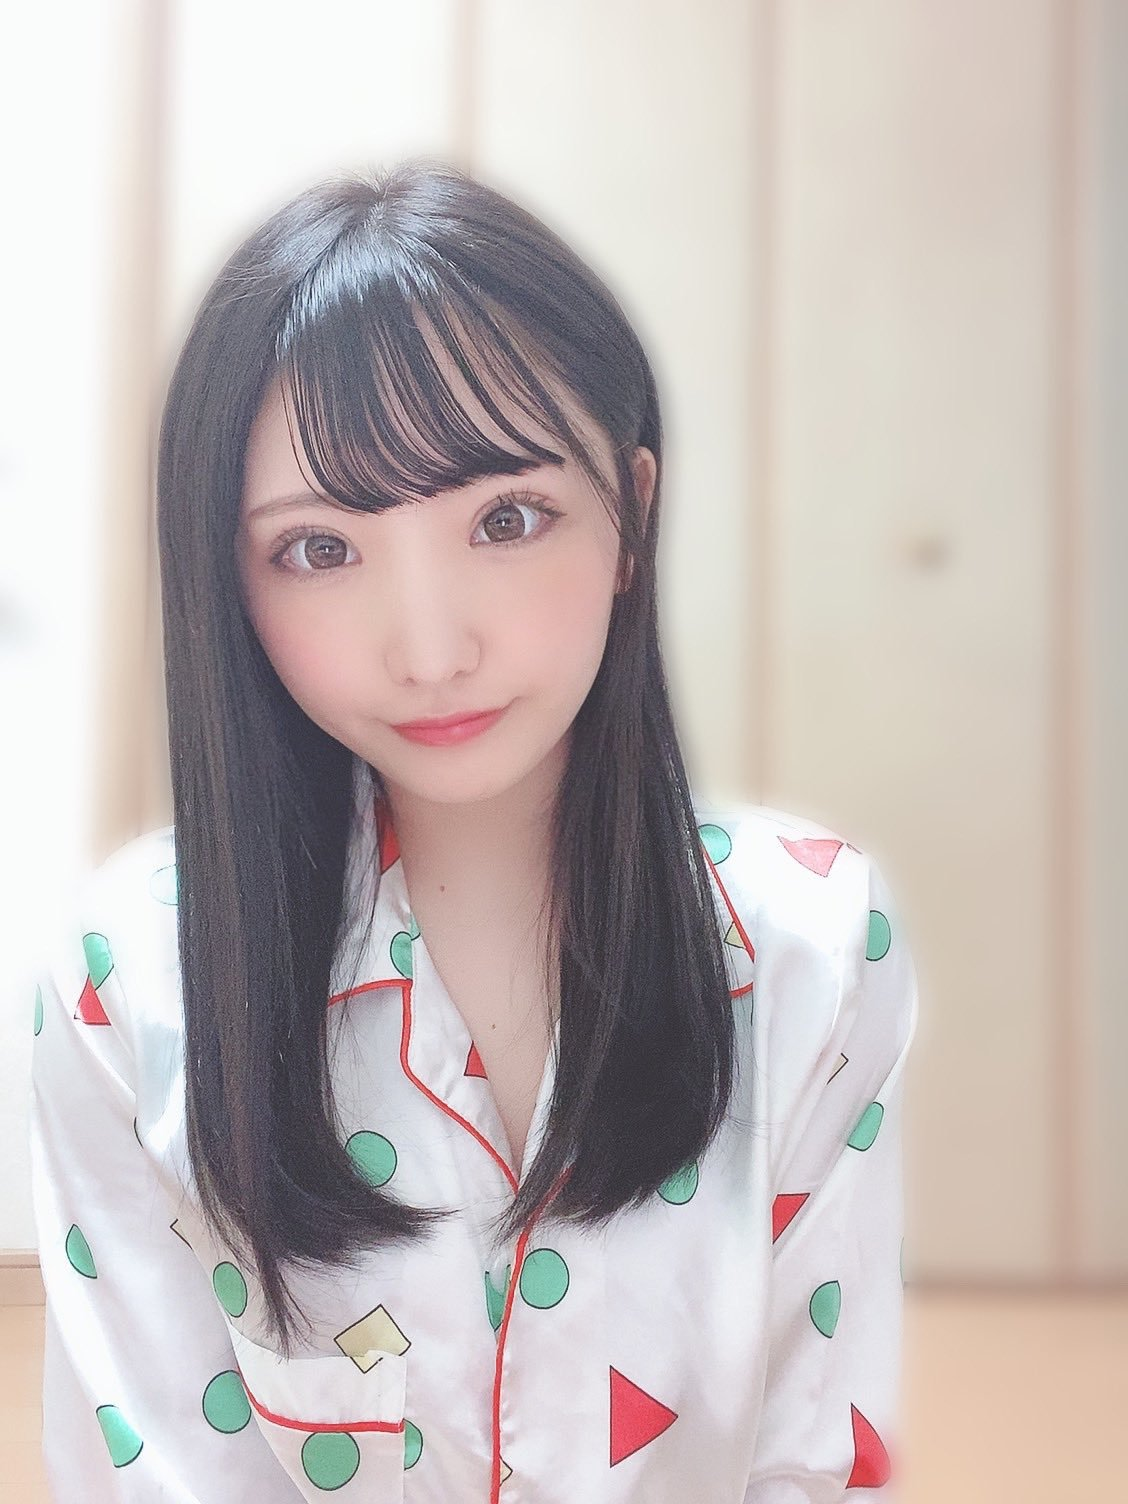 satonakayui1 1253573133212119040_p0